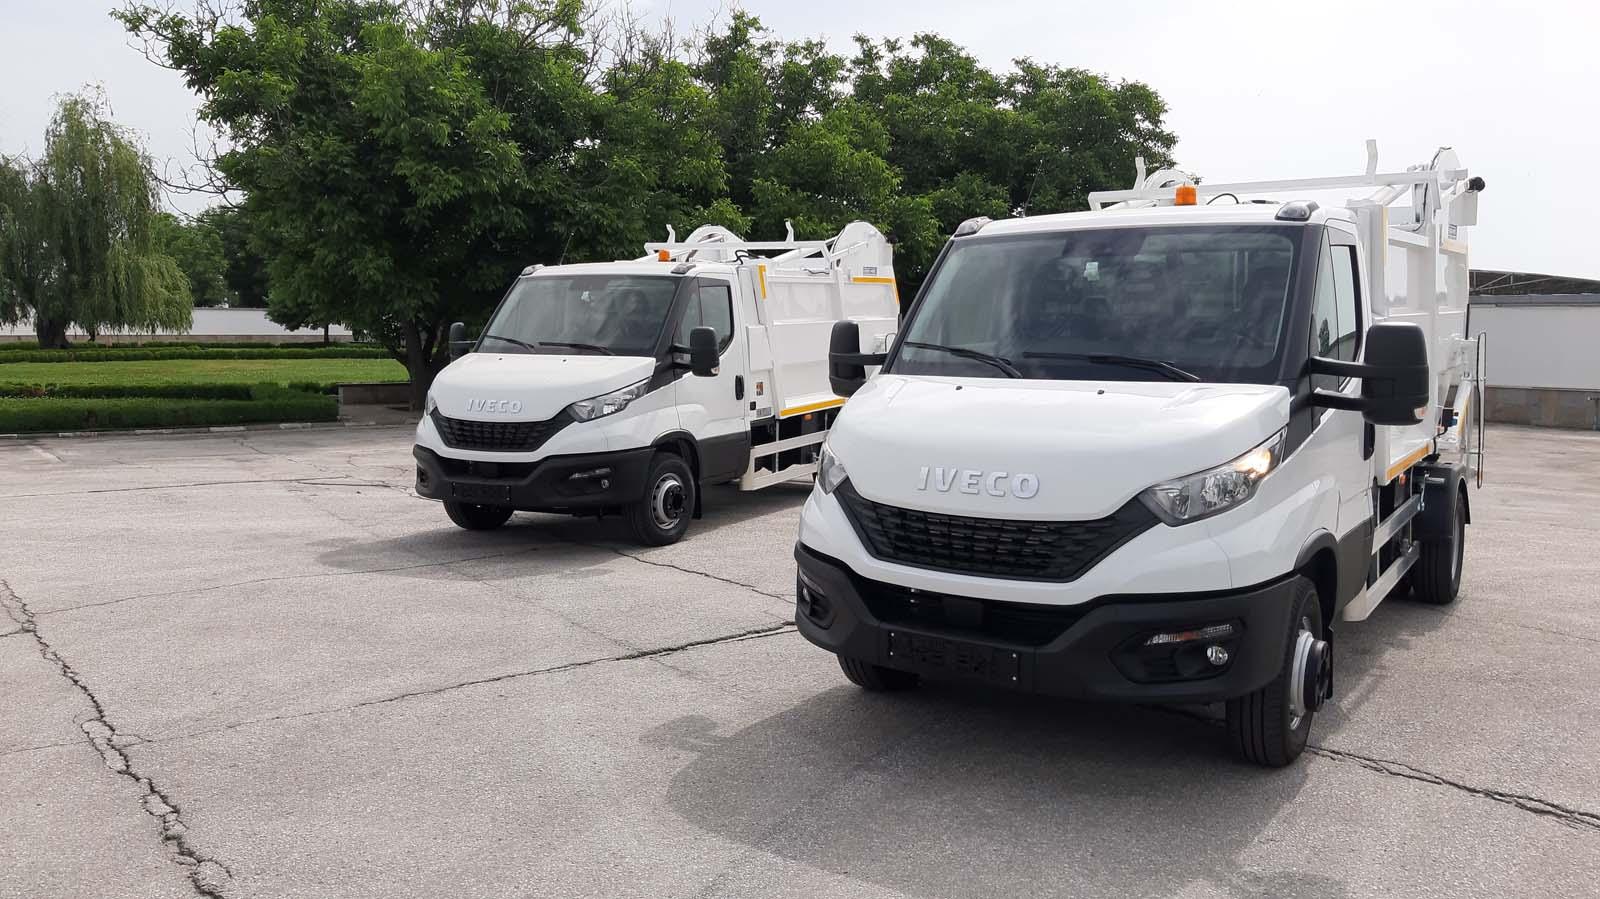 burgas-truck-service-upgrades-2-1